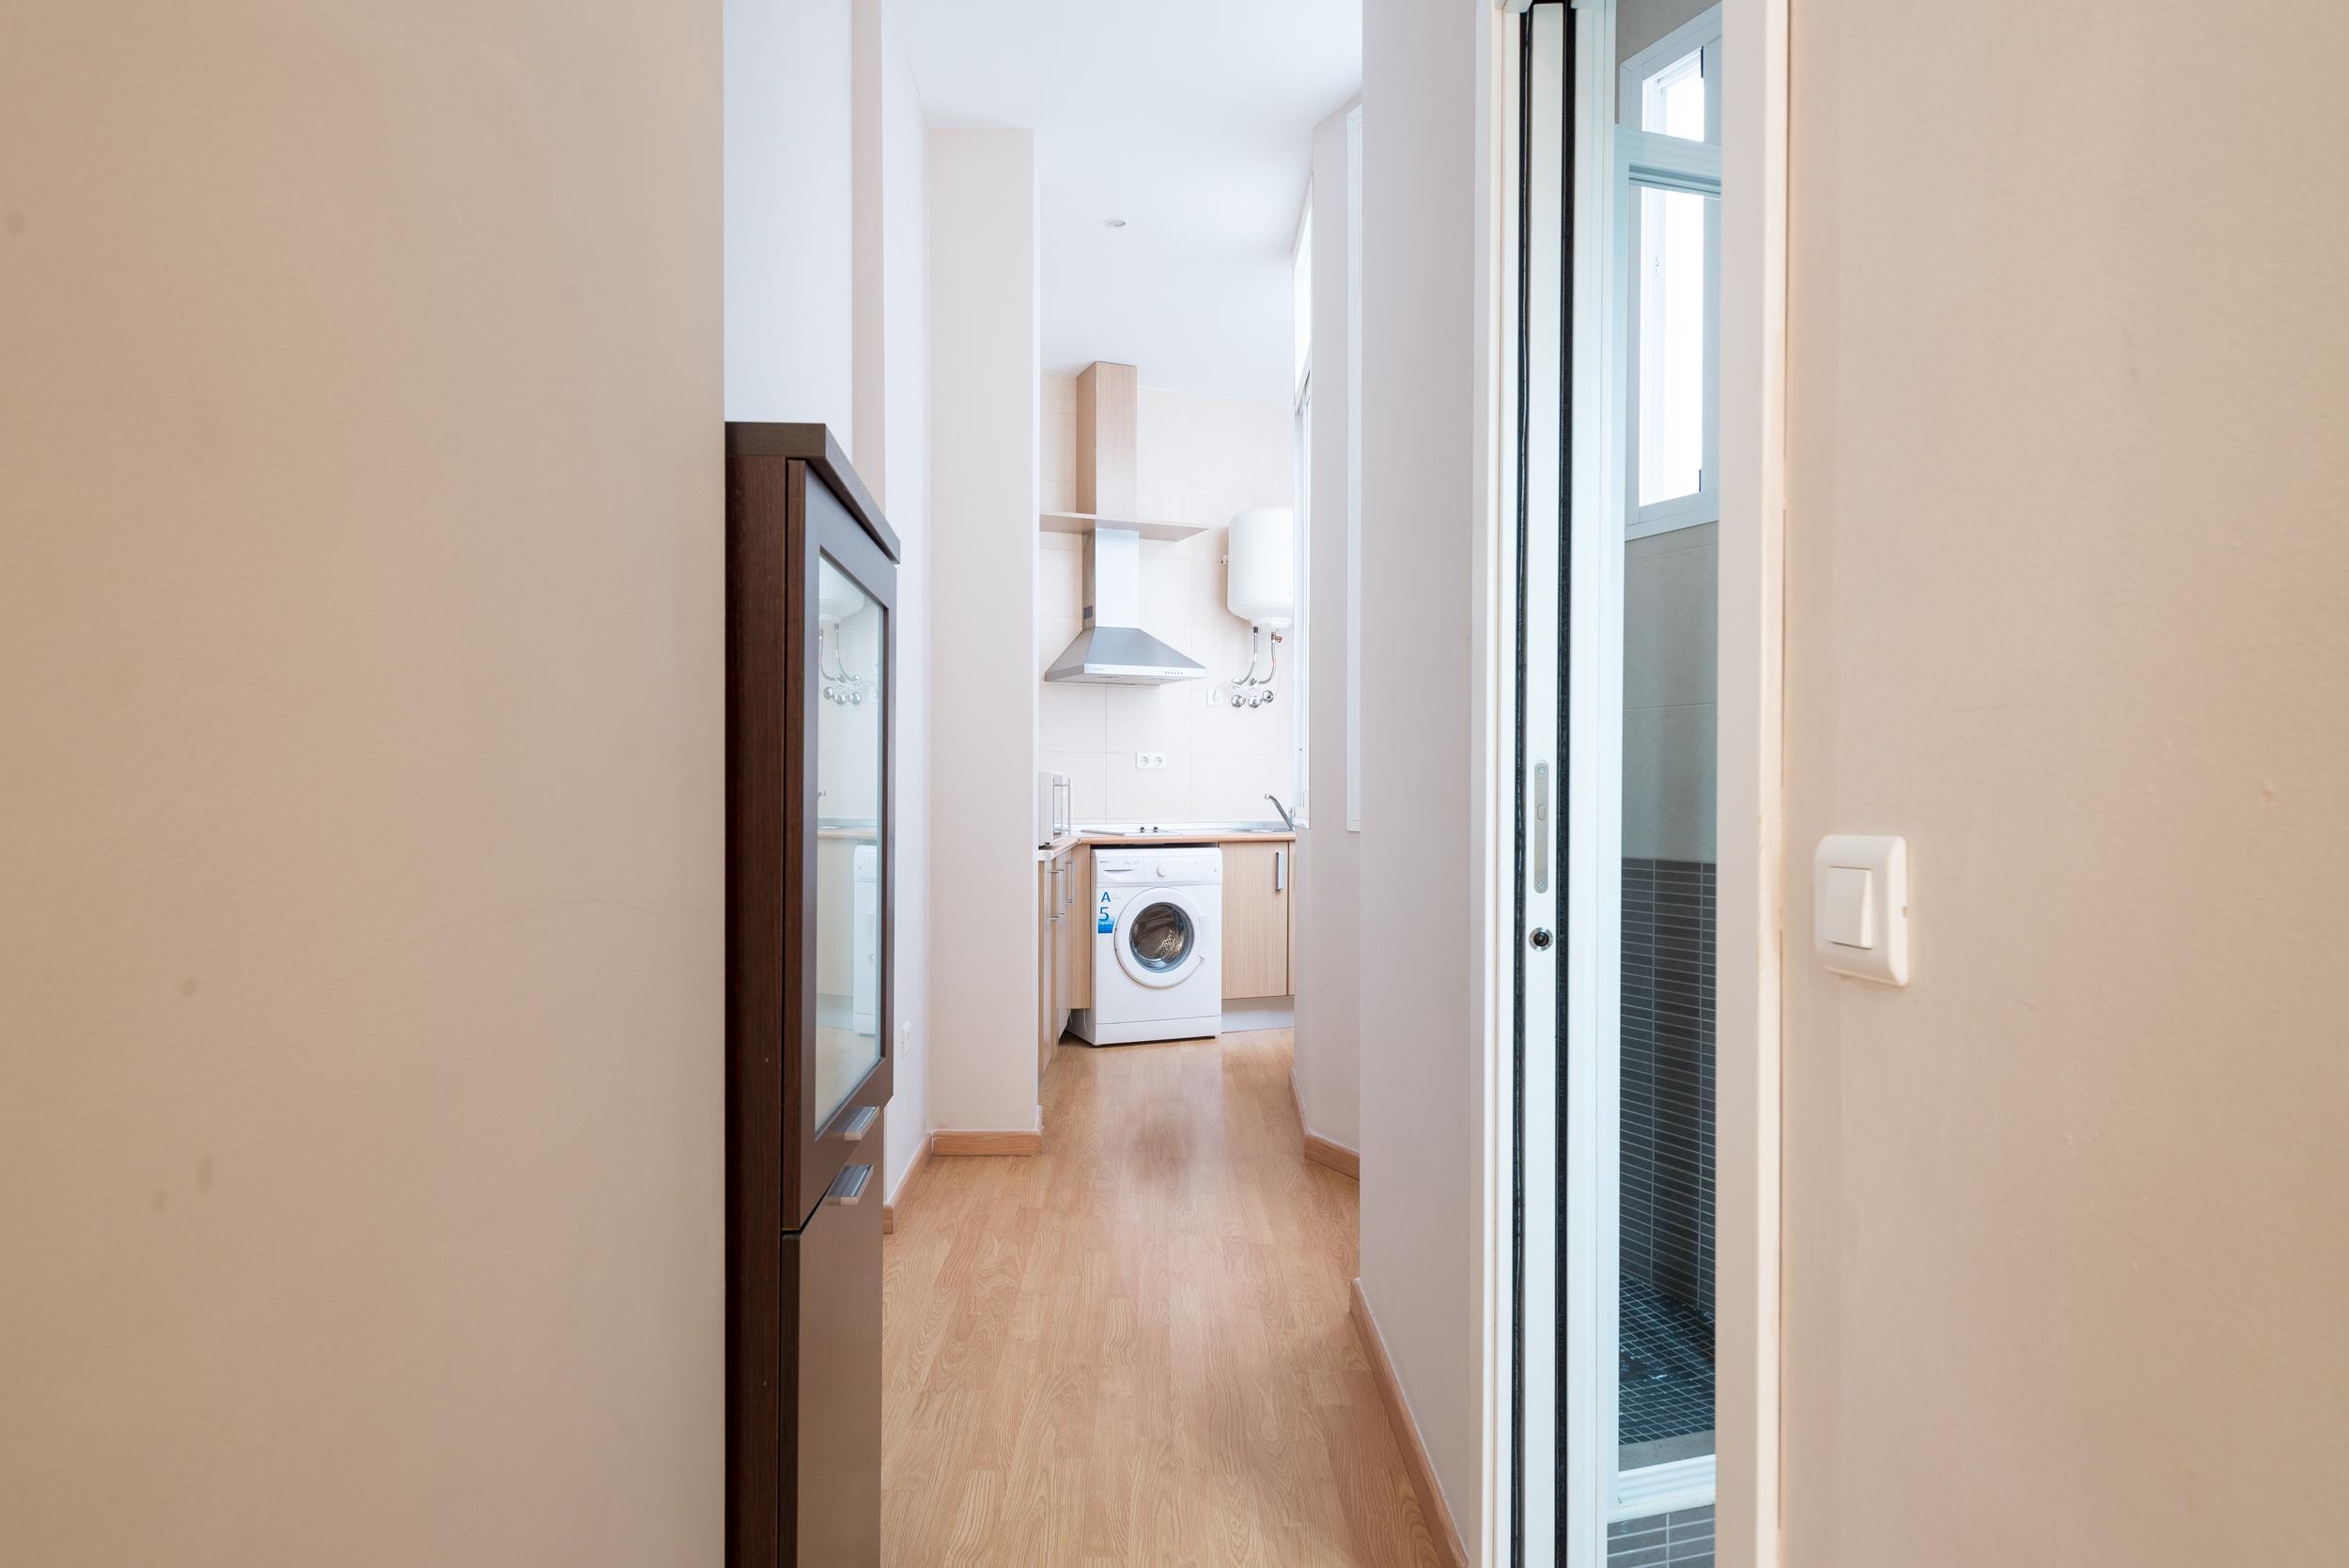 Apartment MalagaSuite Historic Center Capitan photo 23619300